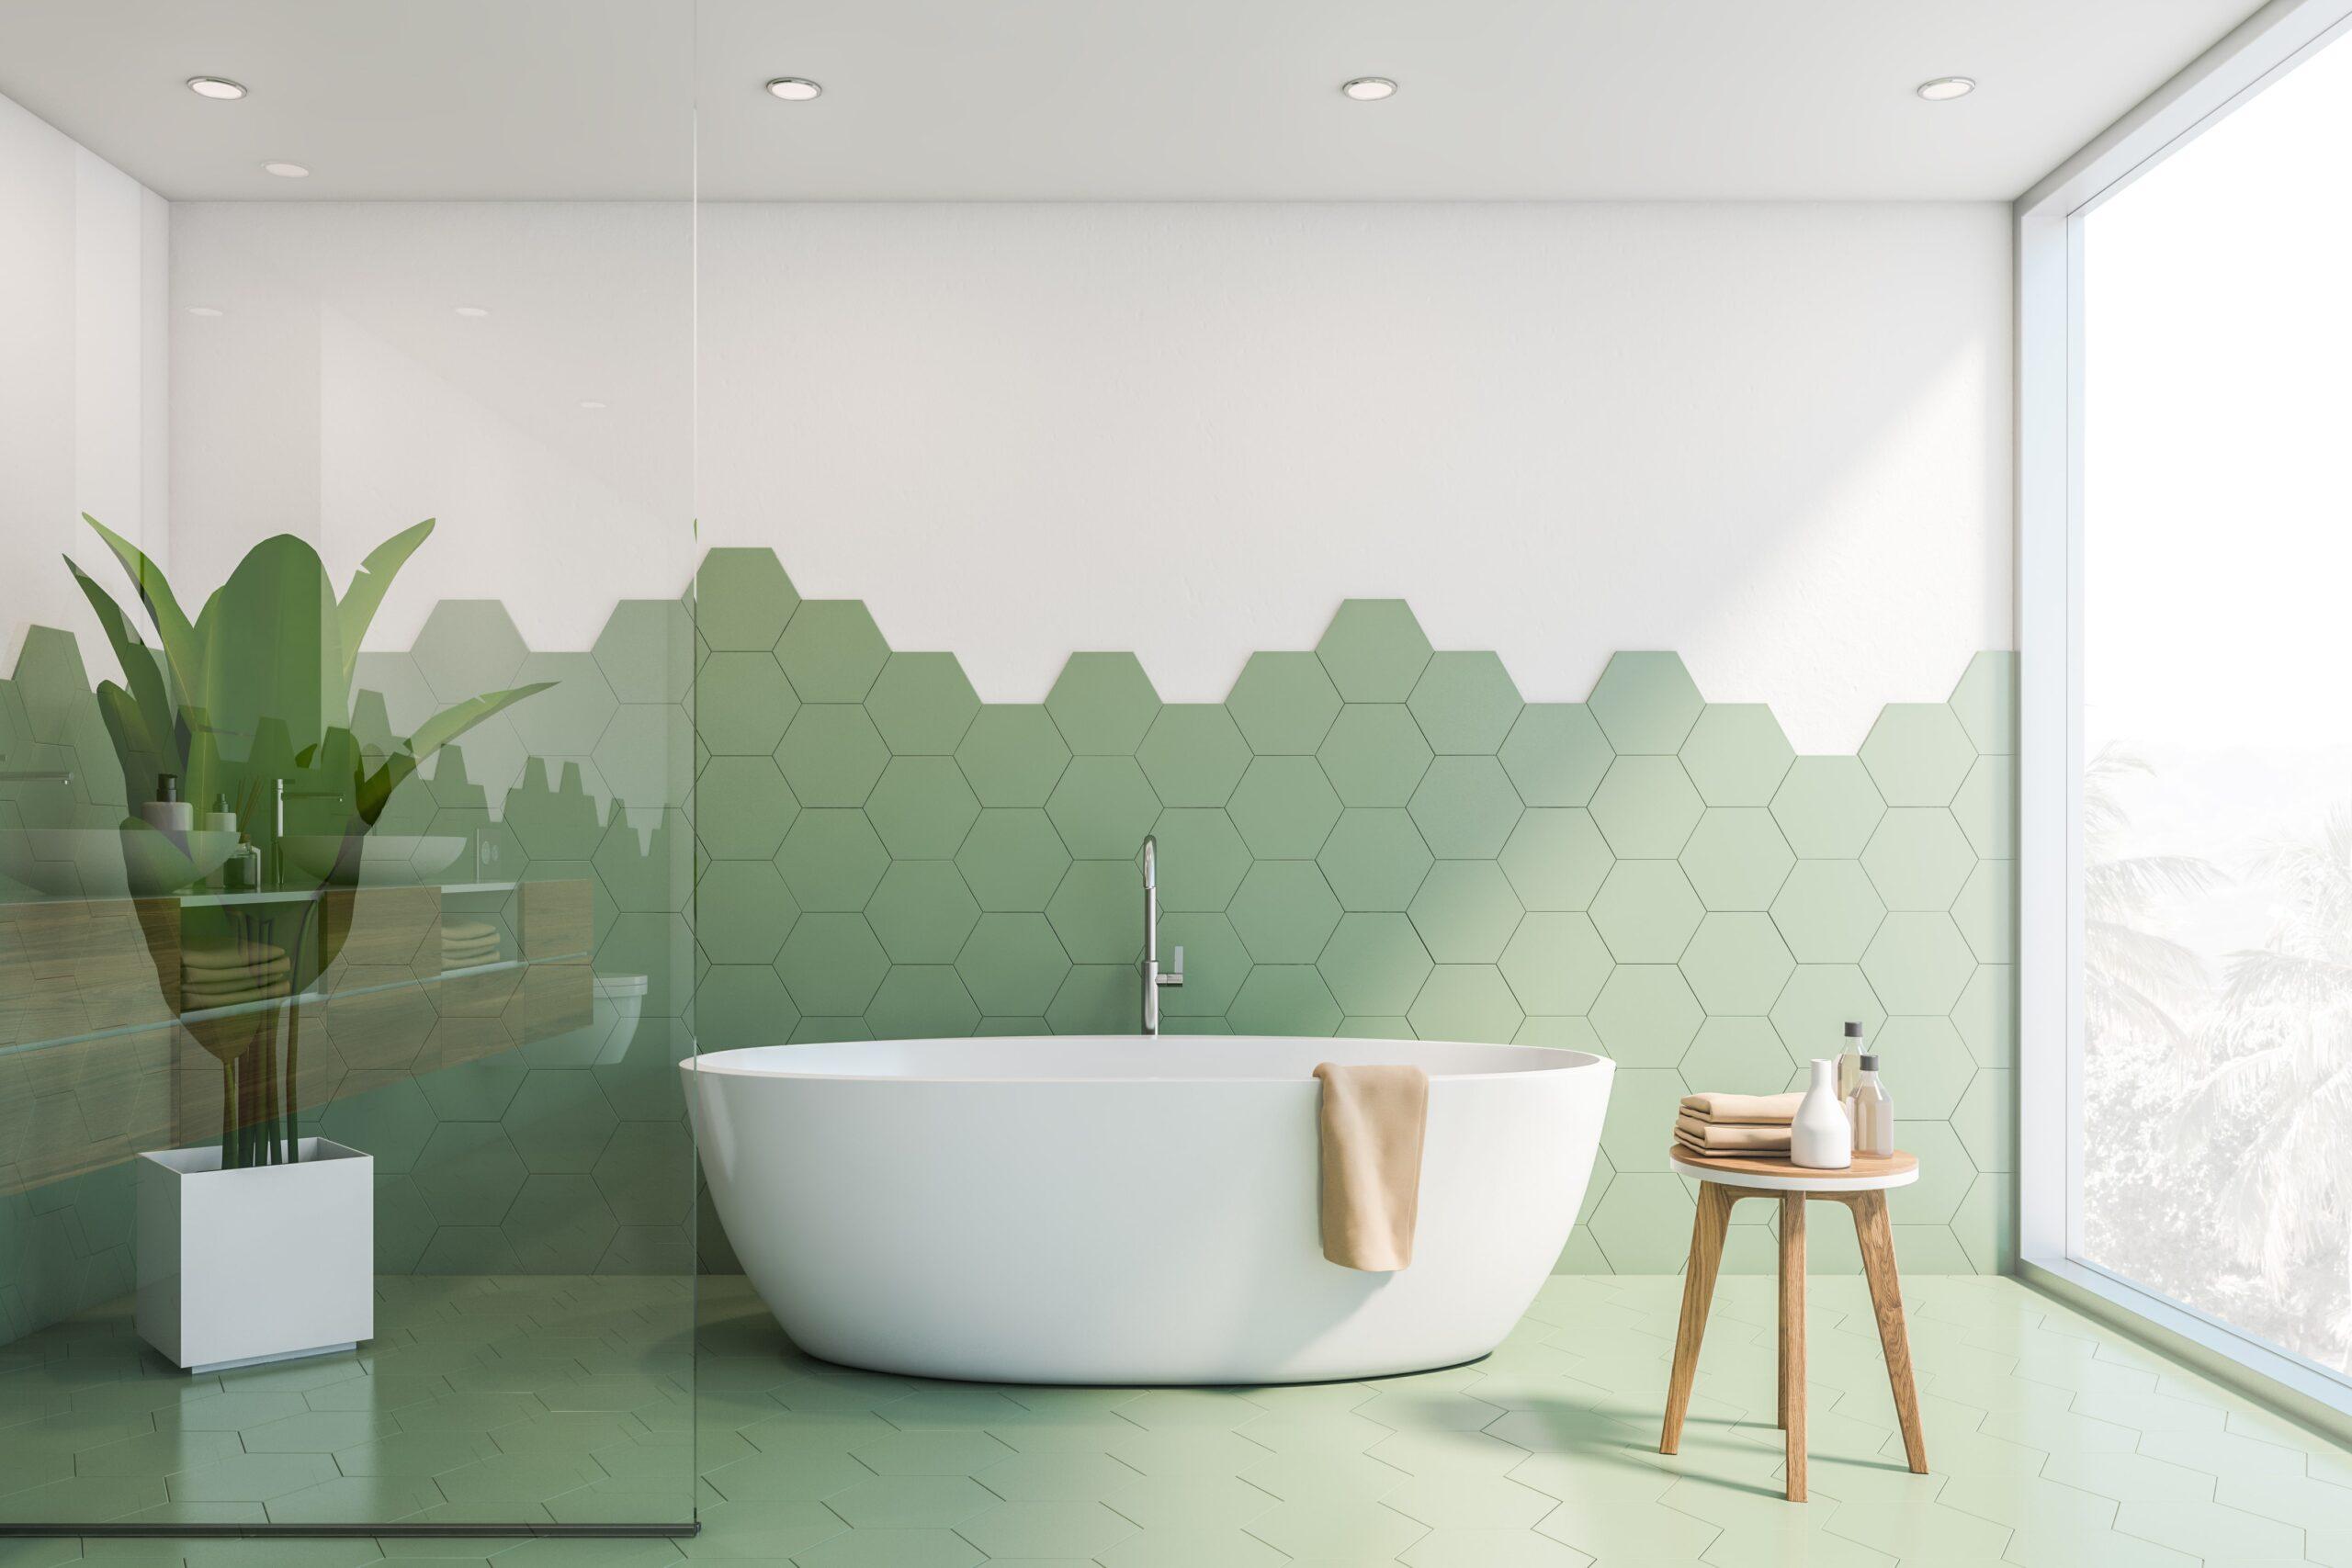 Płytki podłogowe do łazienki - heksagonalne